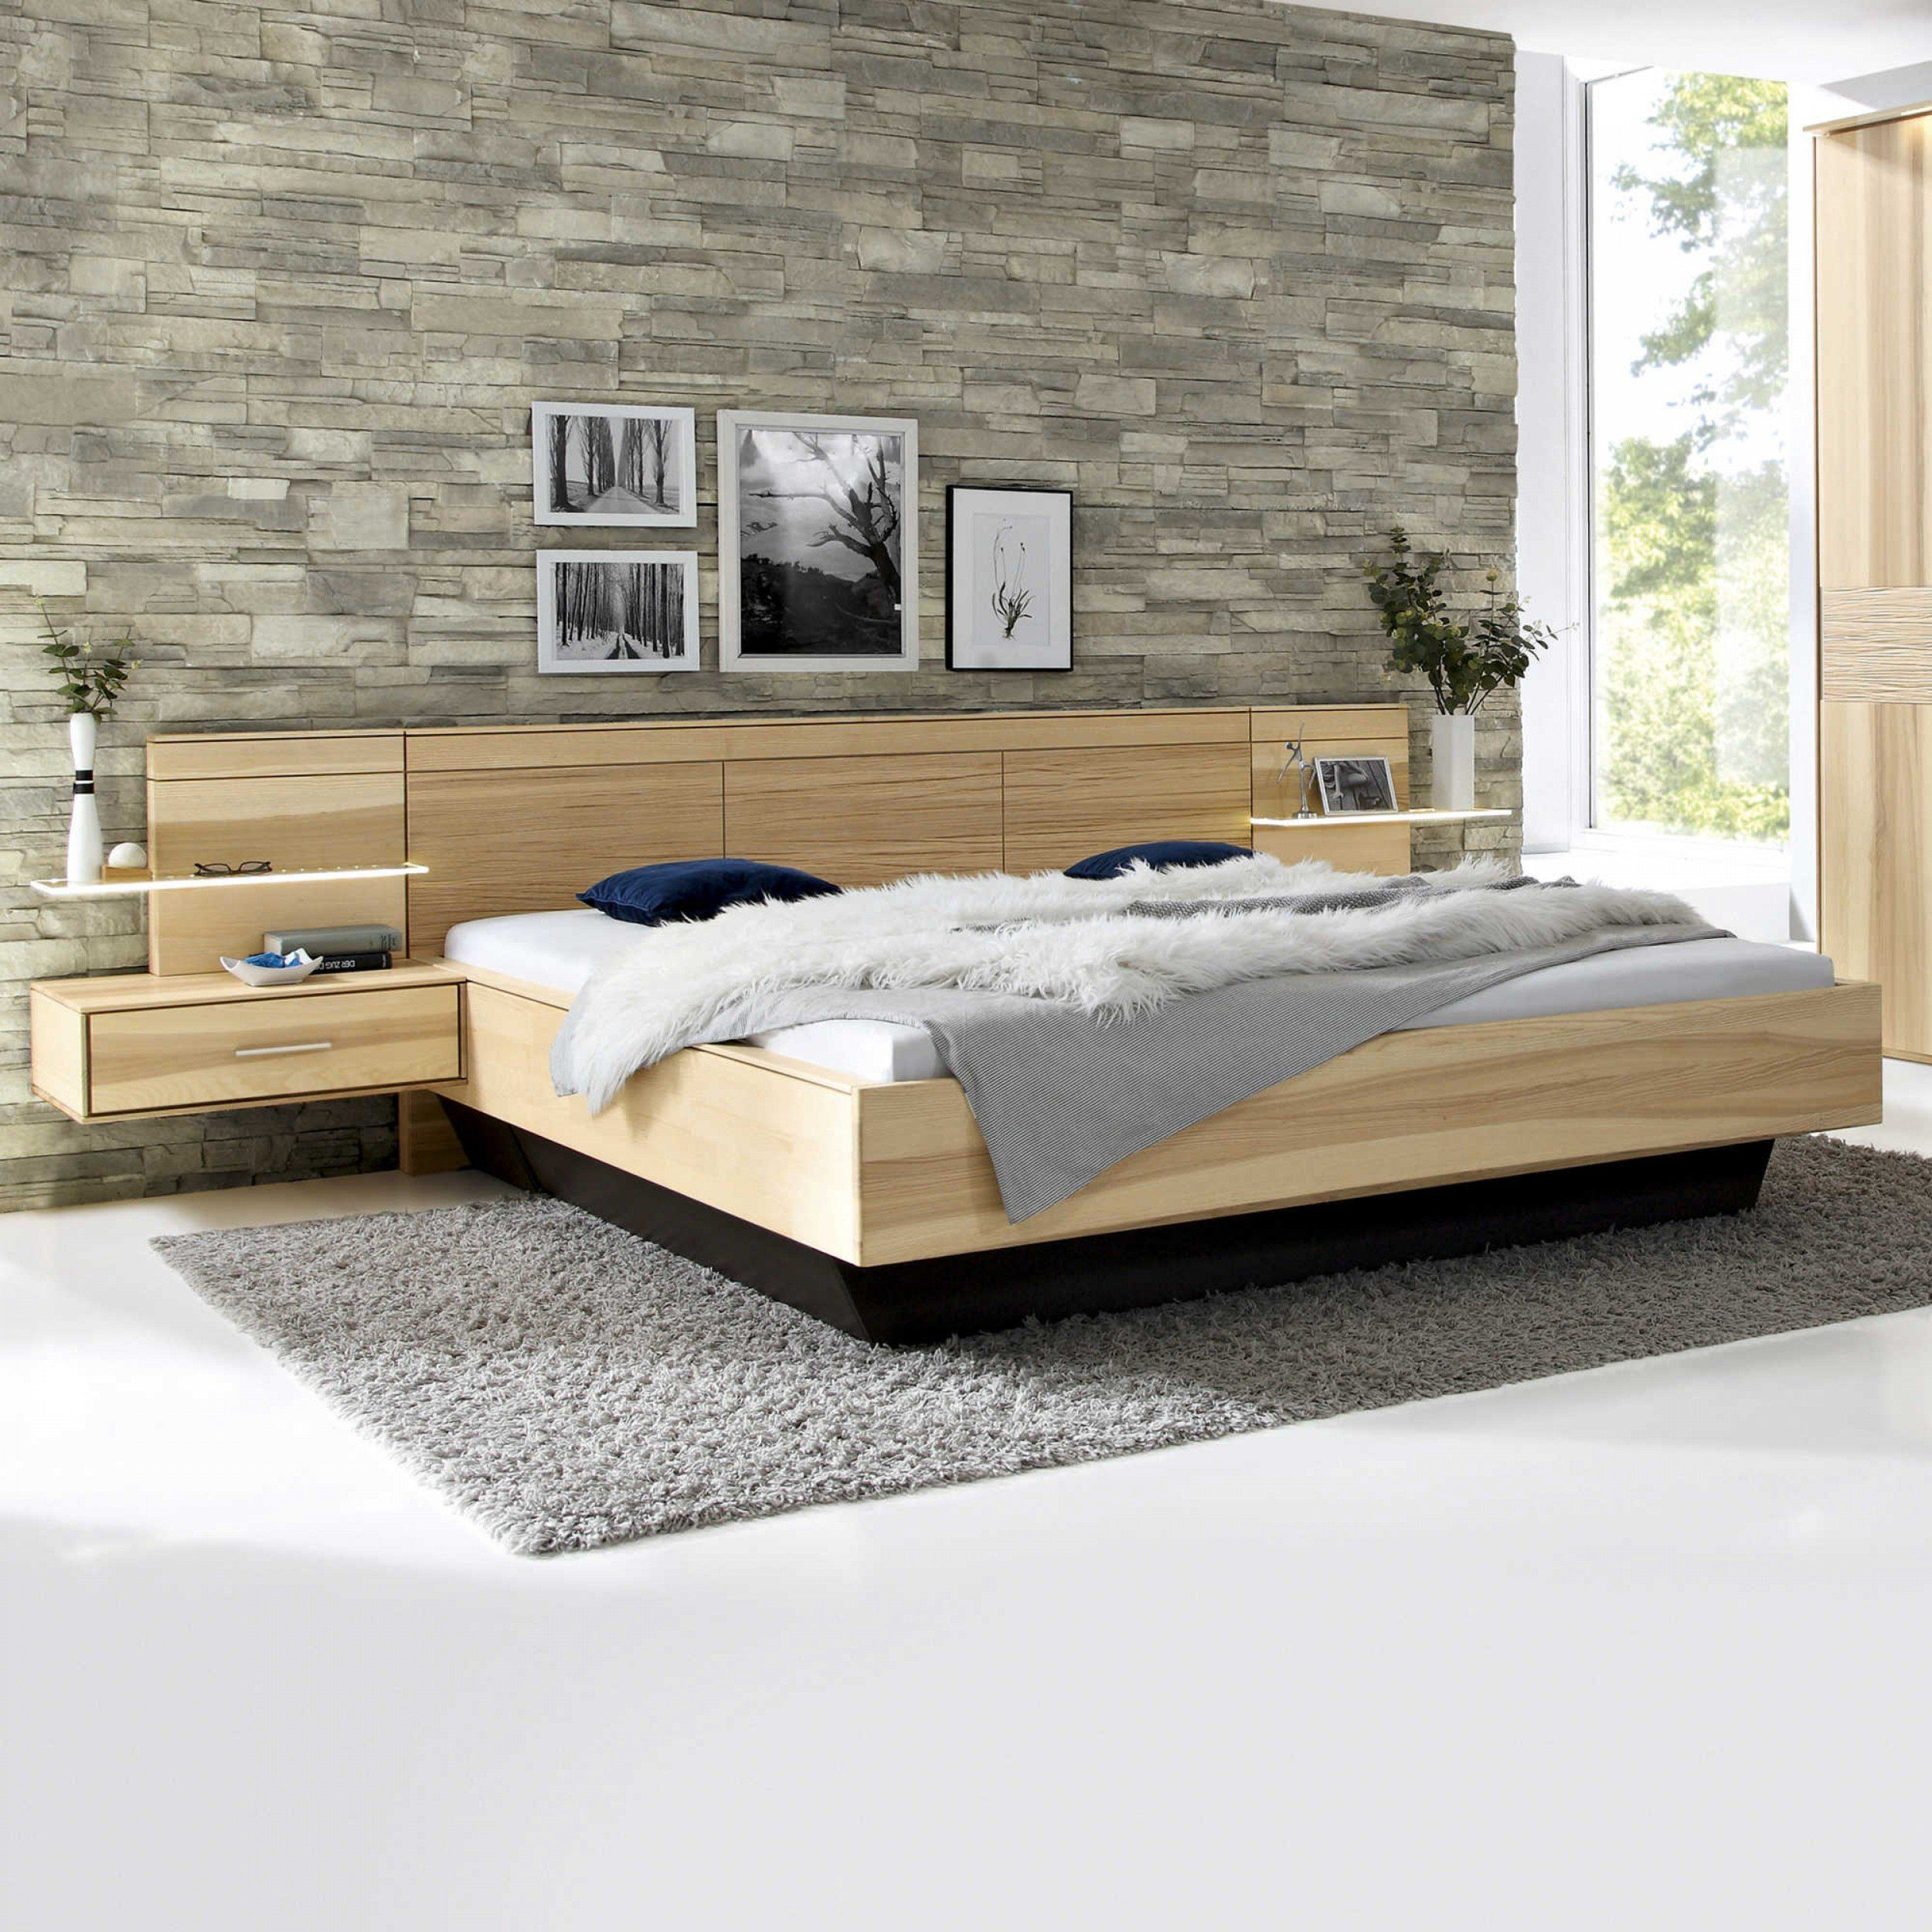 Thielemeyer Bett Mit Nachttischen Mira 4 0 180 X 200 Cm